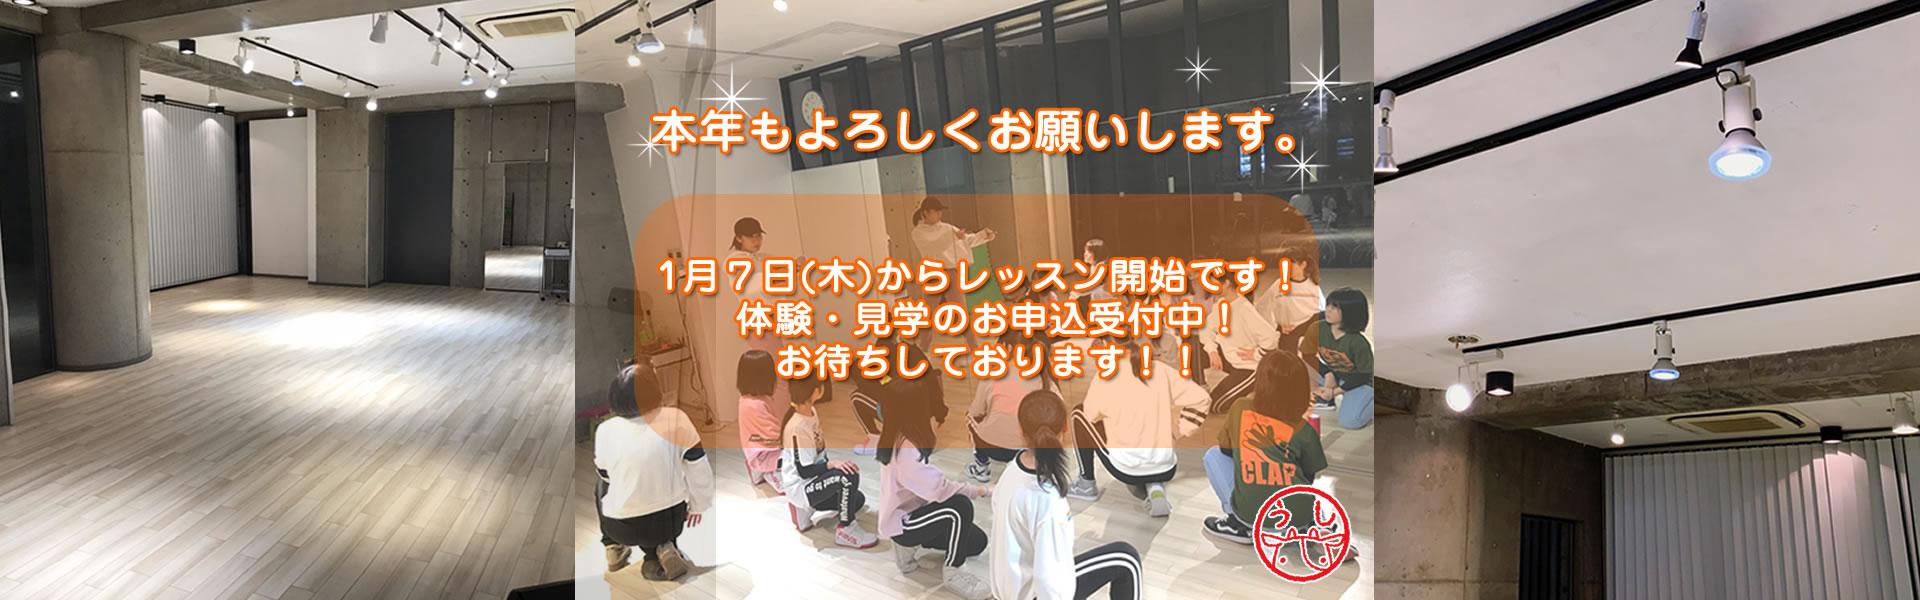 Dance Lab.CLAP(クラップ)